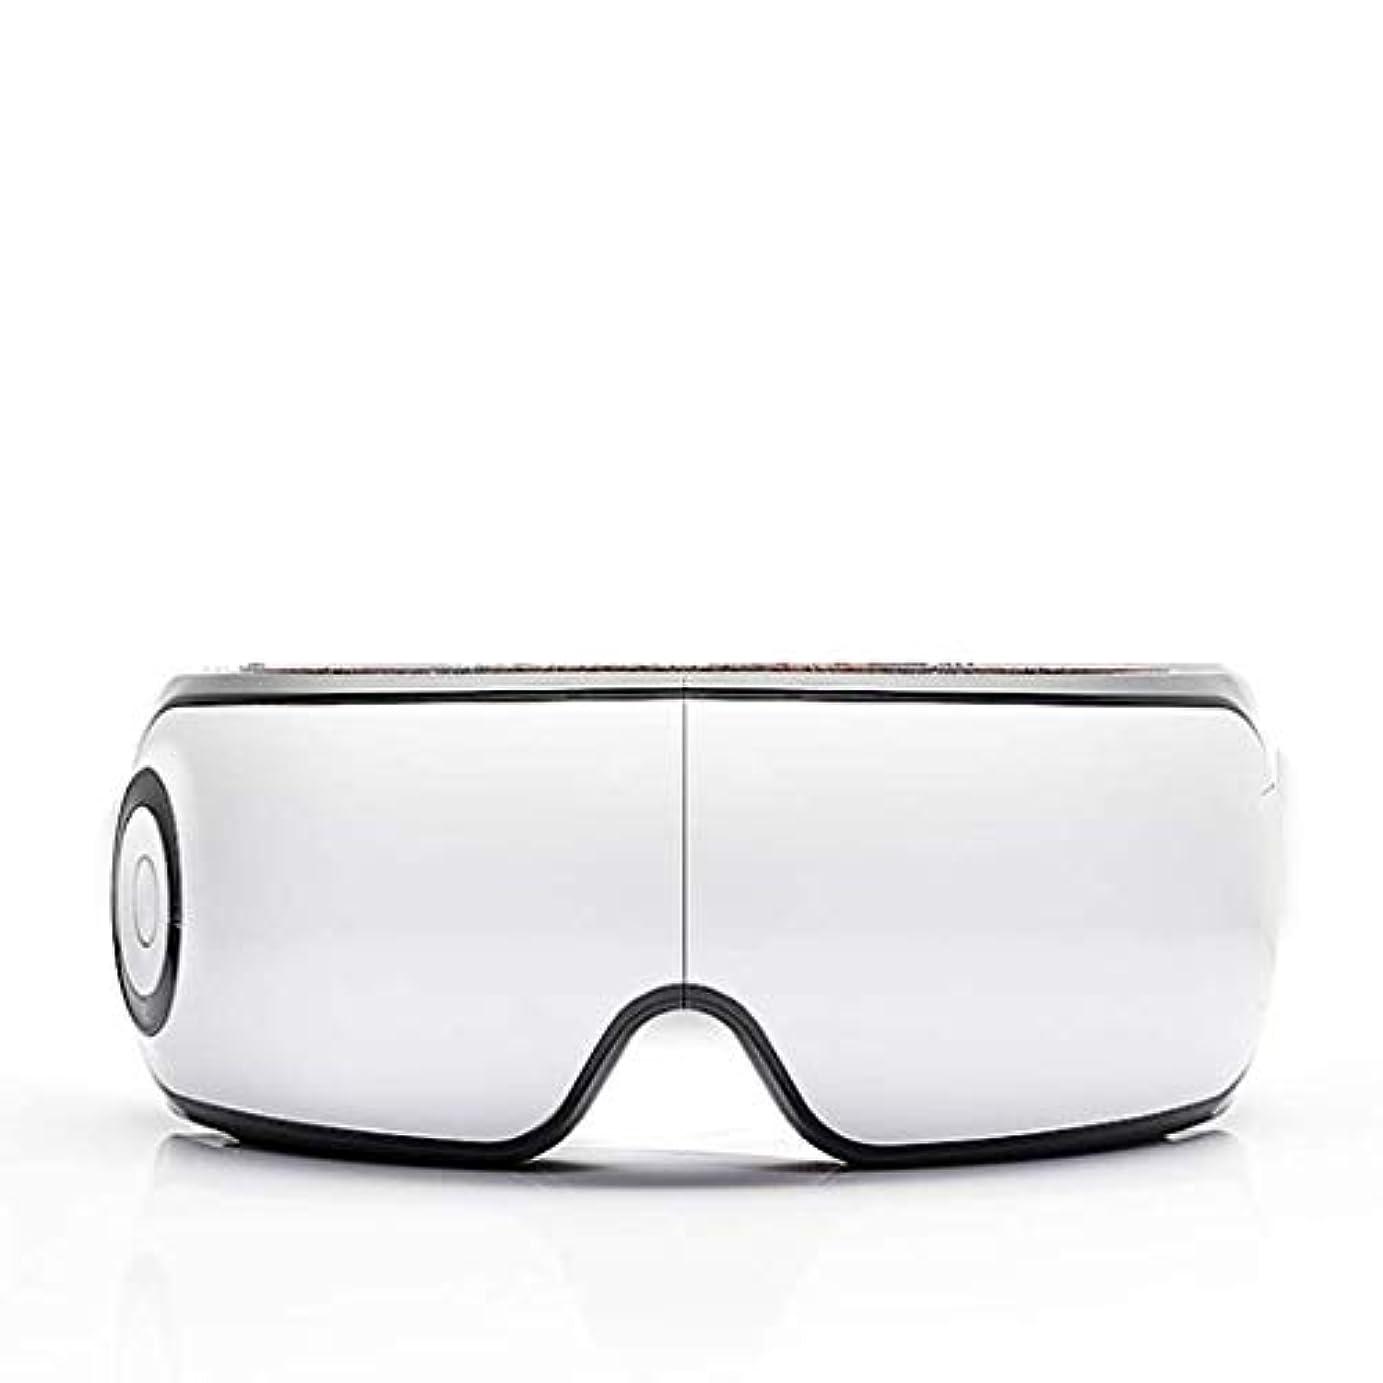 付き添い人ラップトップ量でアイマッサージャー、電動ポータブル指圧音楽マッサージアイマスク、熱振動マッサージ、アイバッグダークサークルの改善、頭痛圧の緩和、アイのリラックス